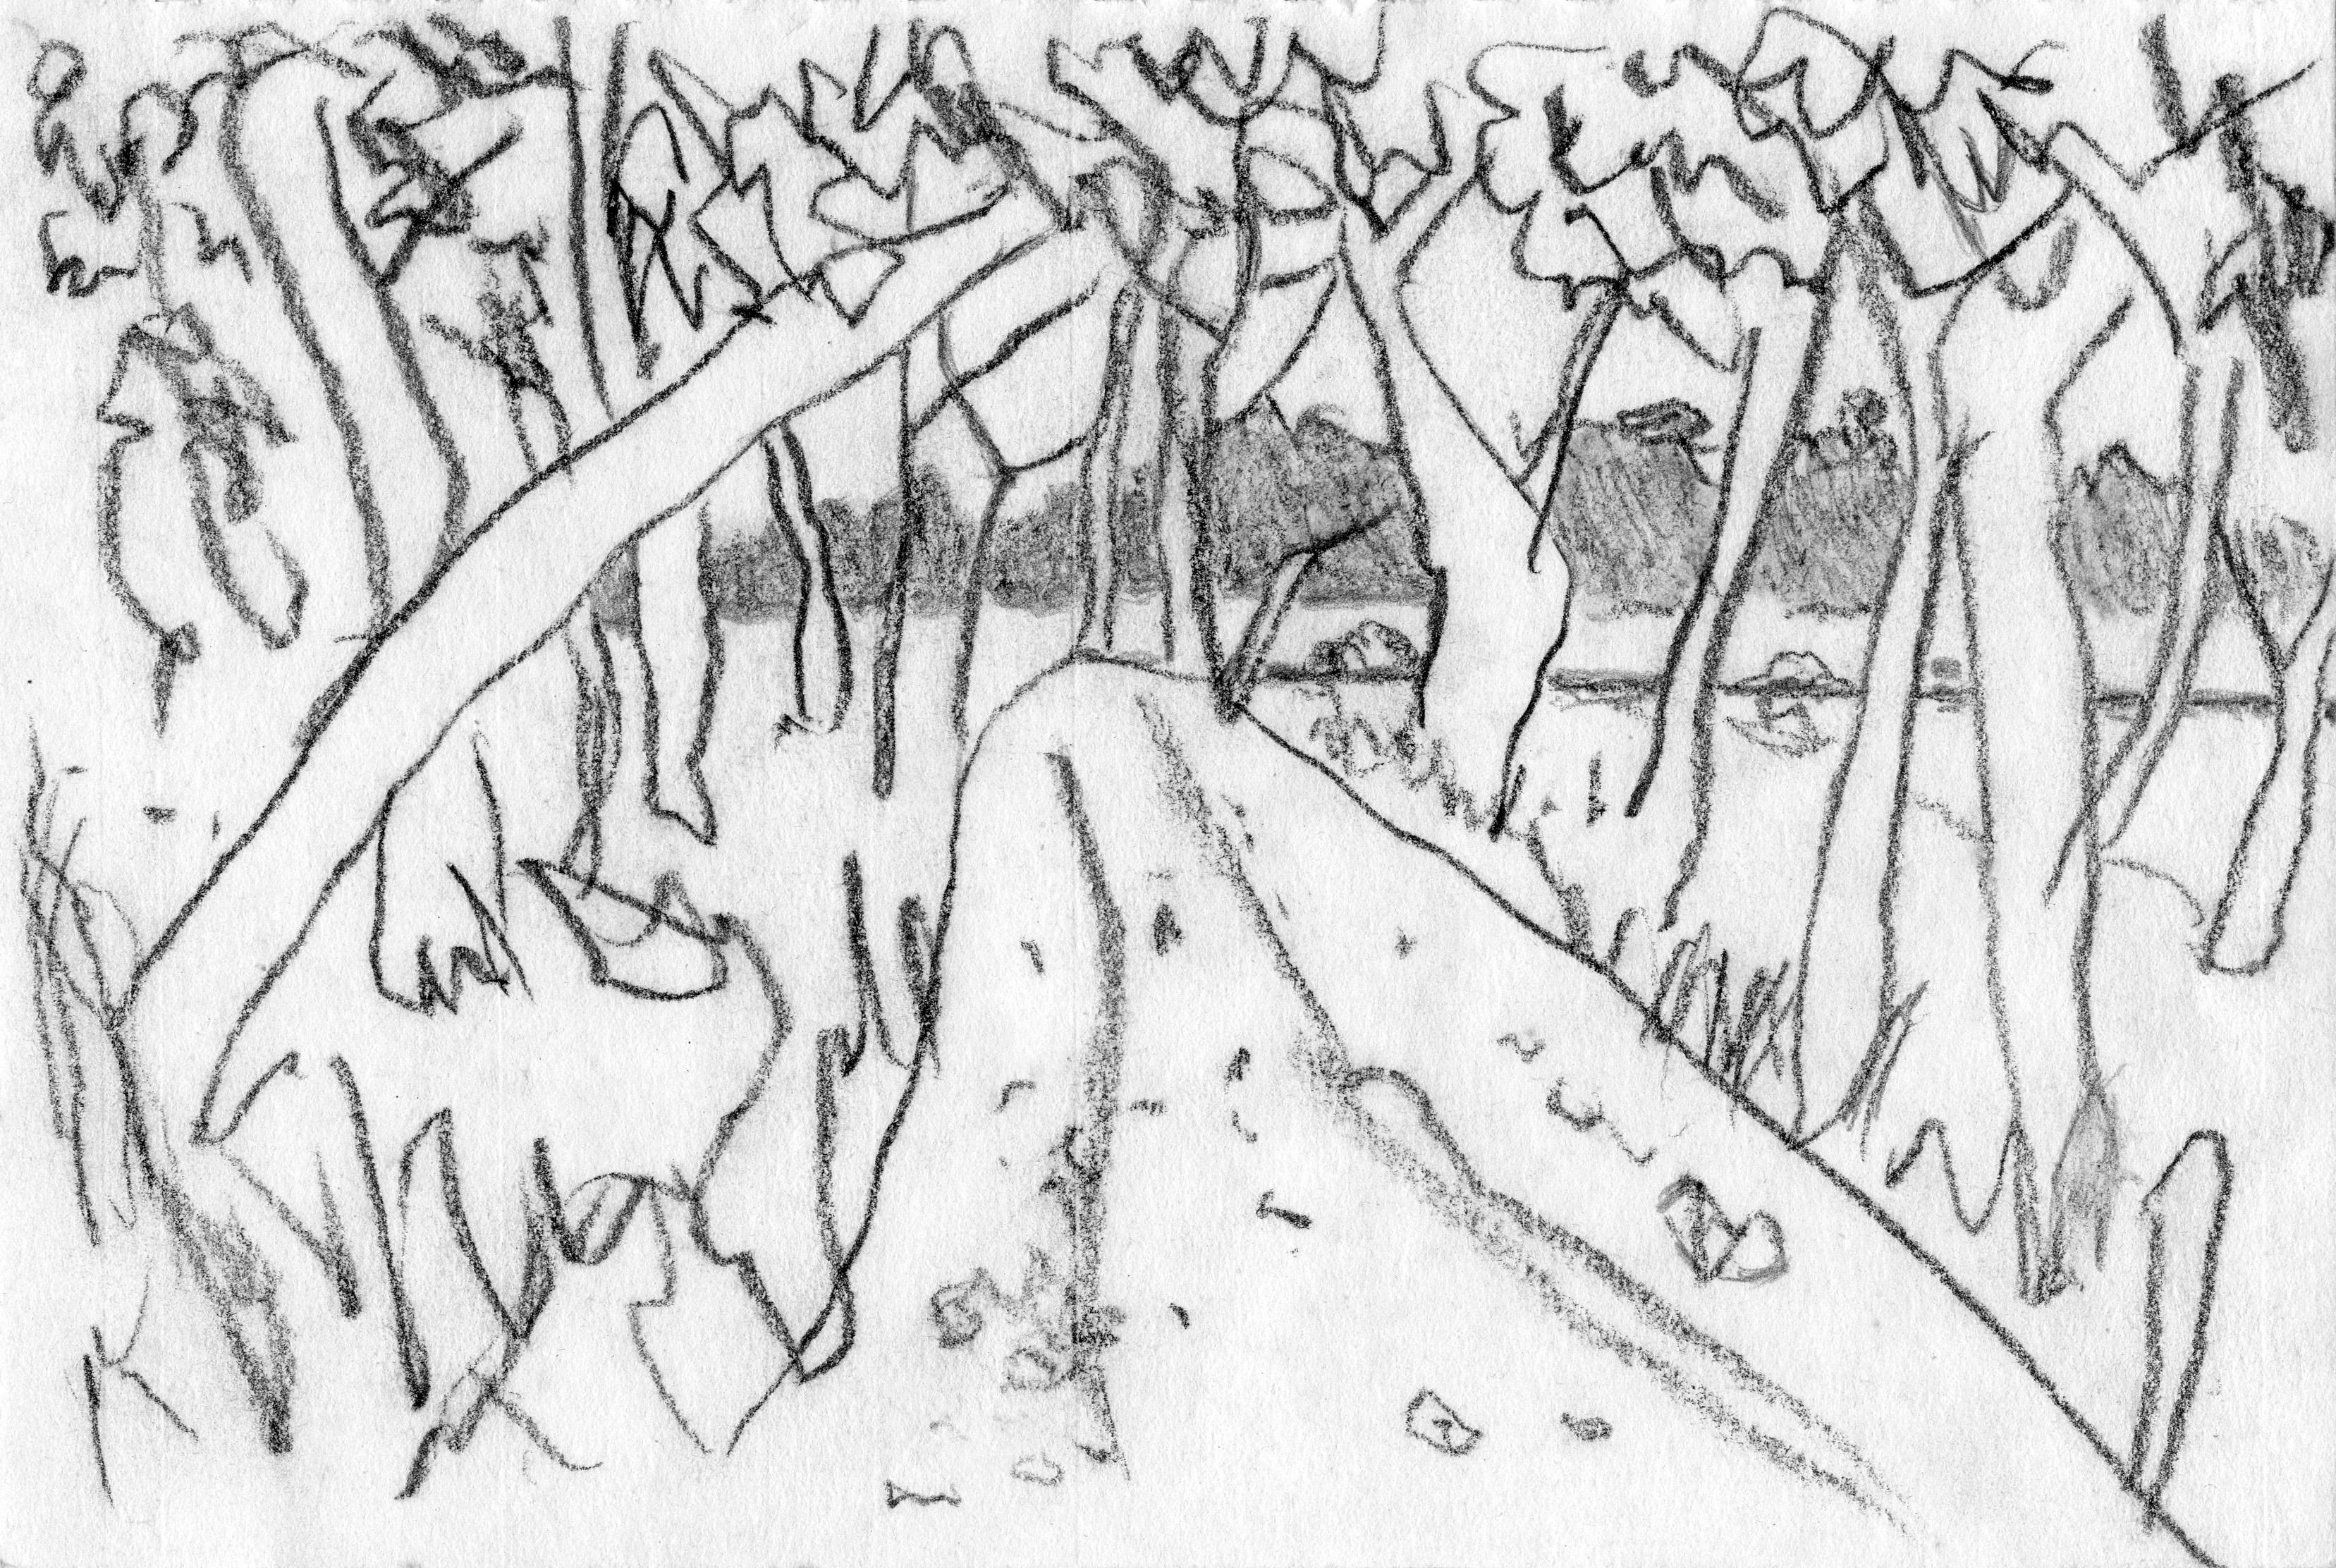 Bush Track, pencil